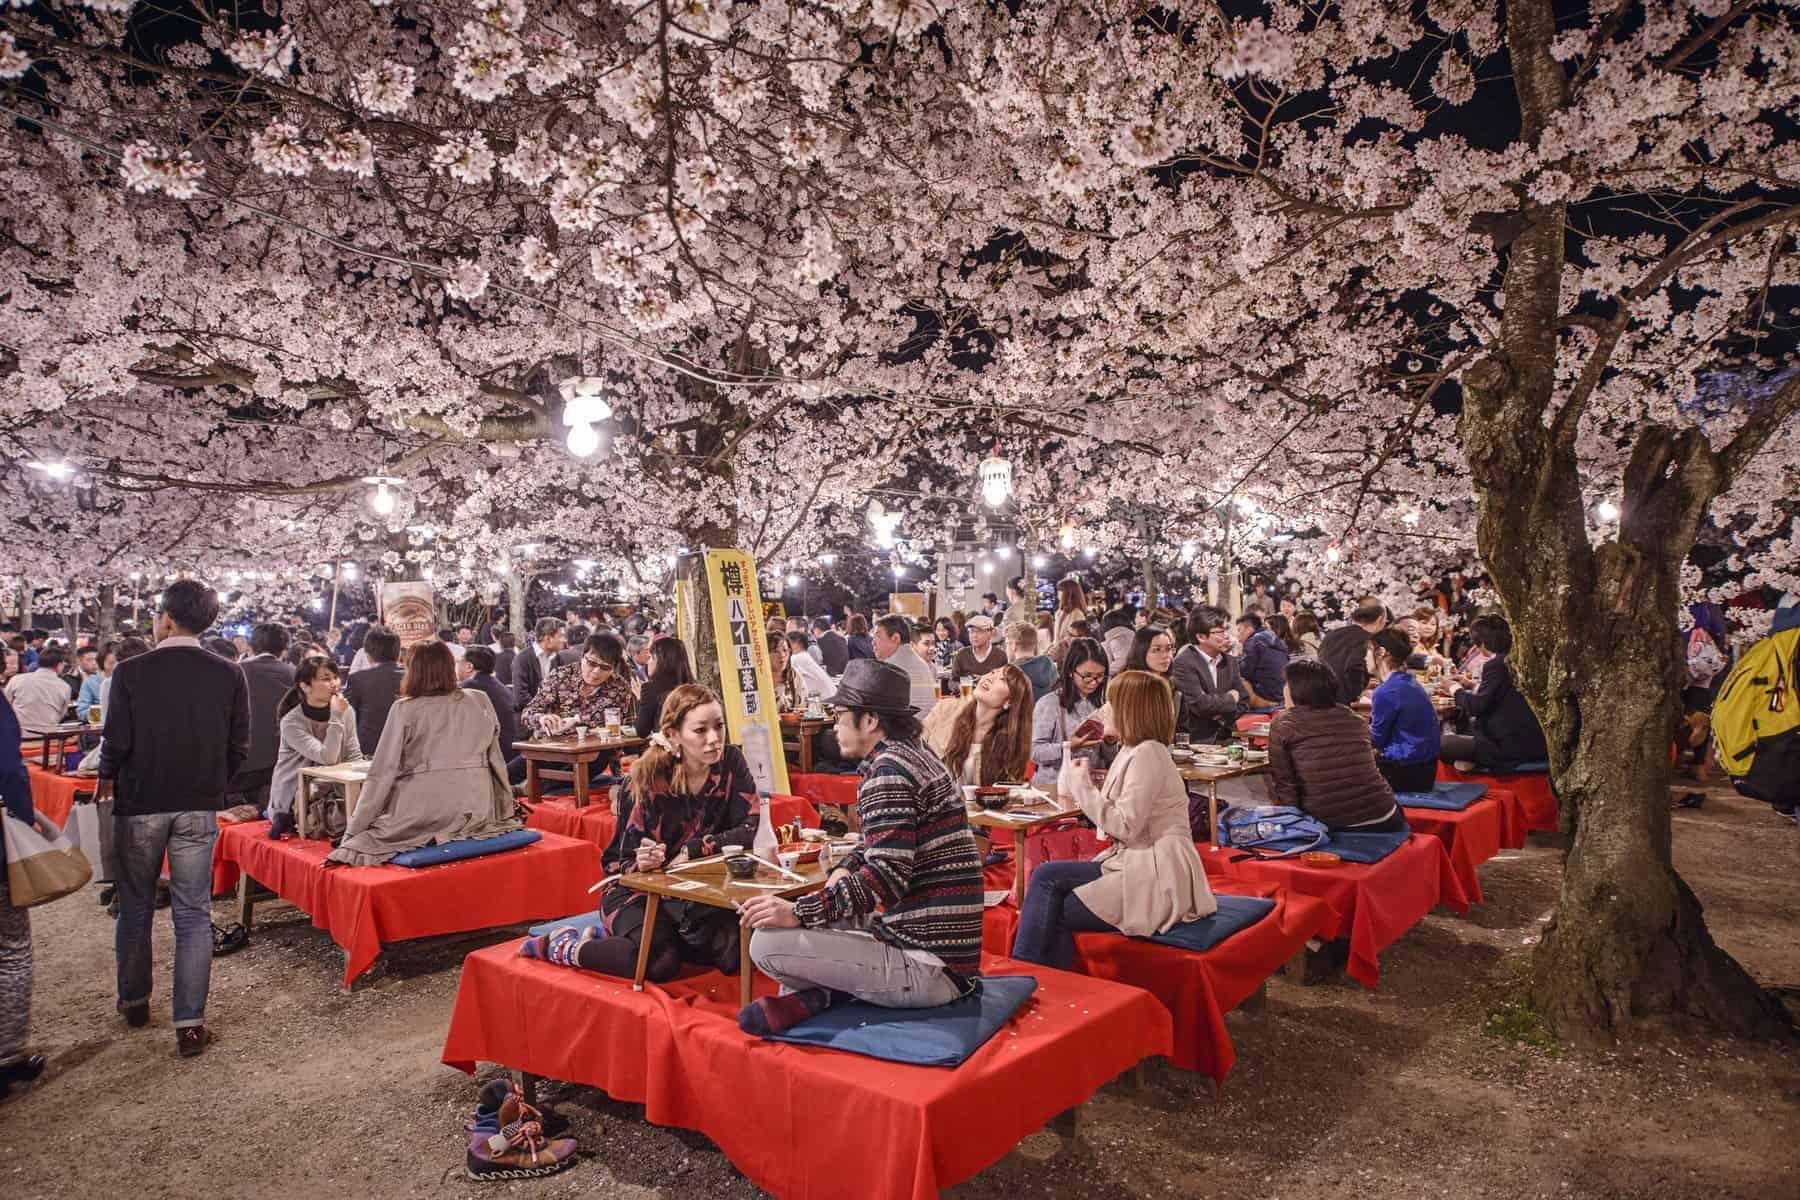 KYOTO, JAPAN den berømte Hanami festival, der afholdes når kirsebærtræerne blomstrer